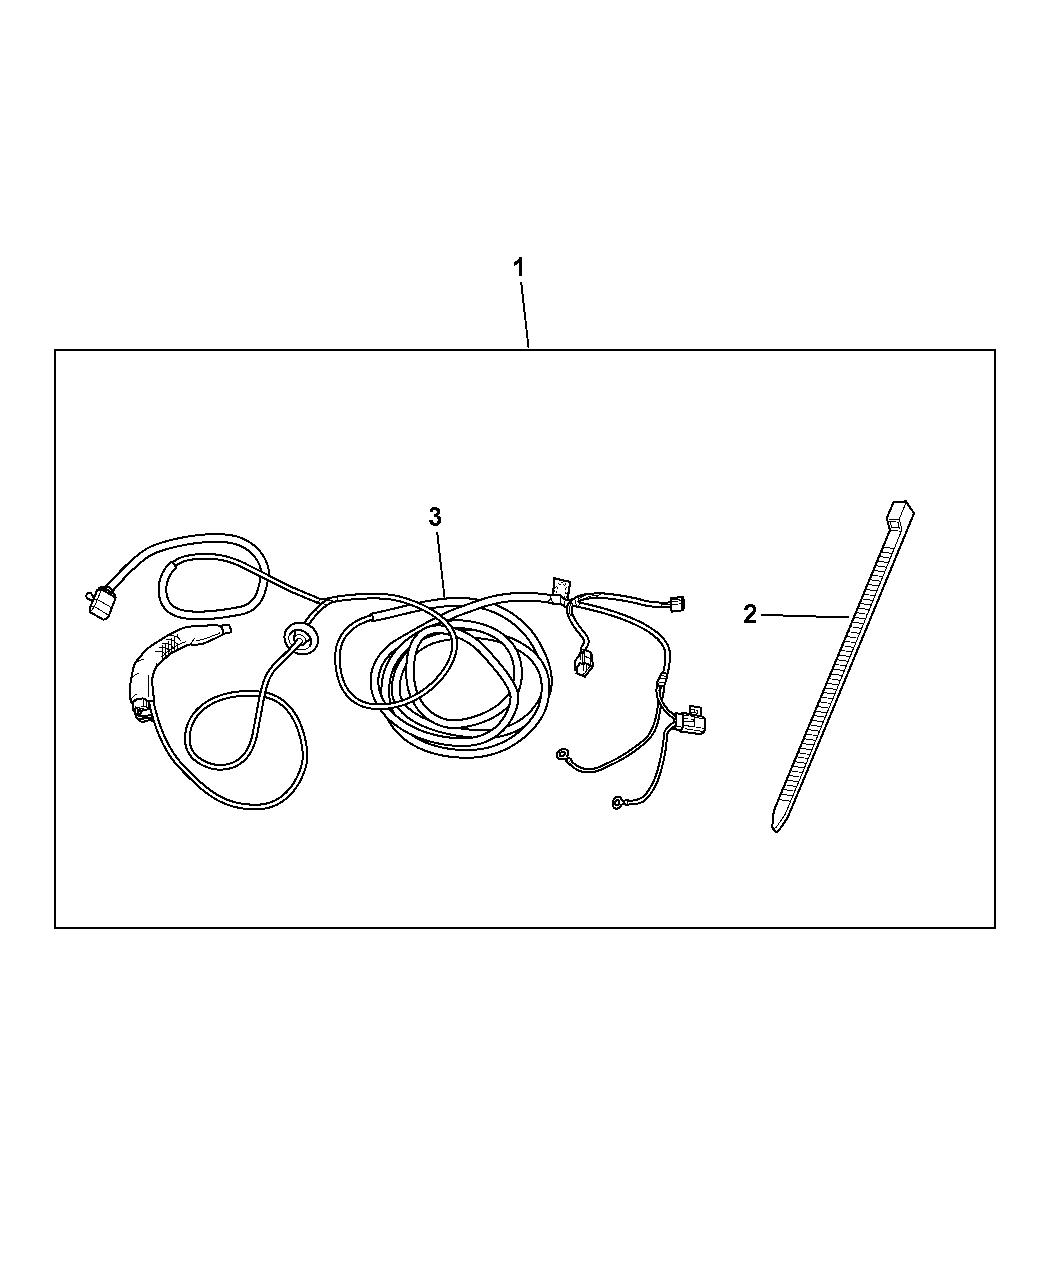 82209280ad - Genuine Mopar Wiring Kit-trailer Tow